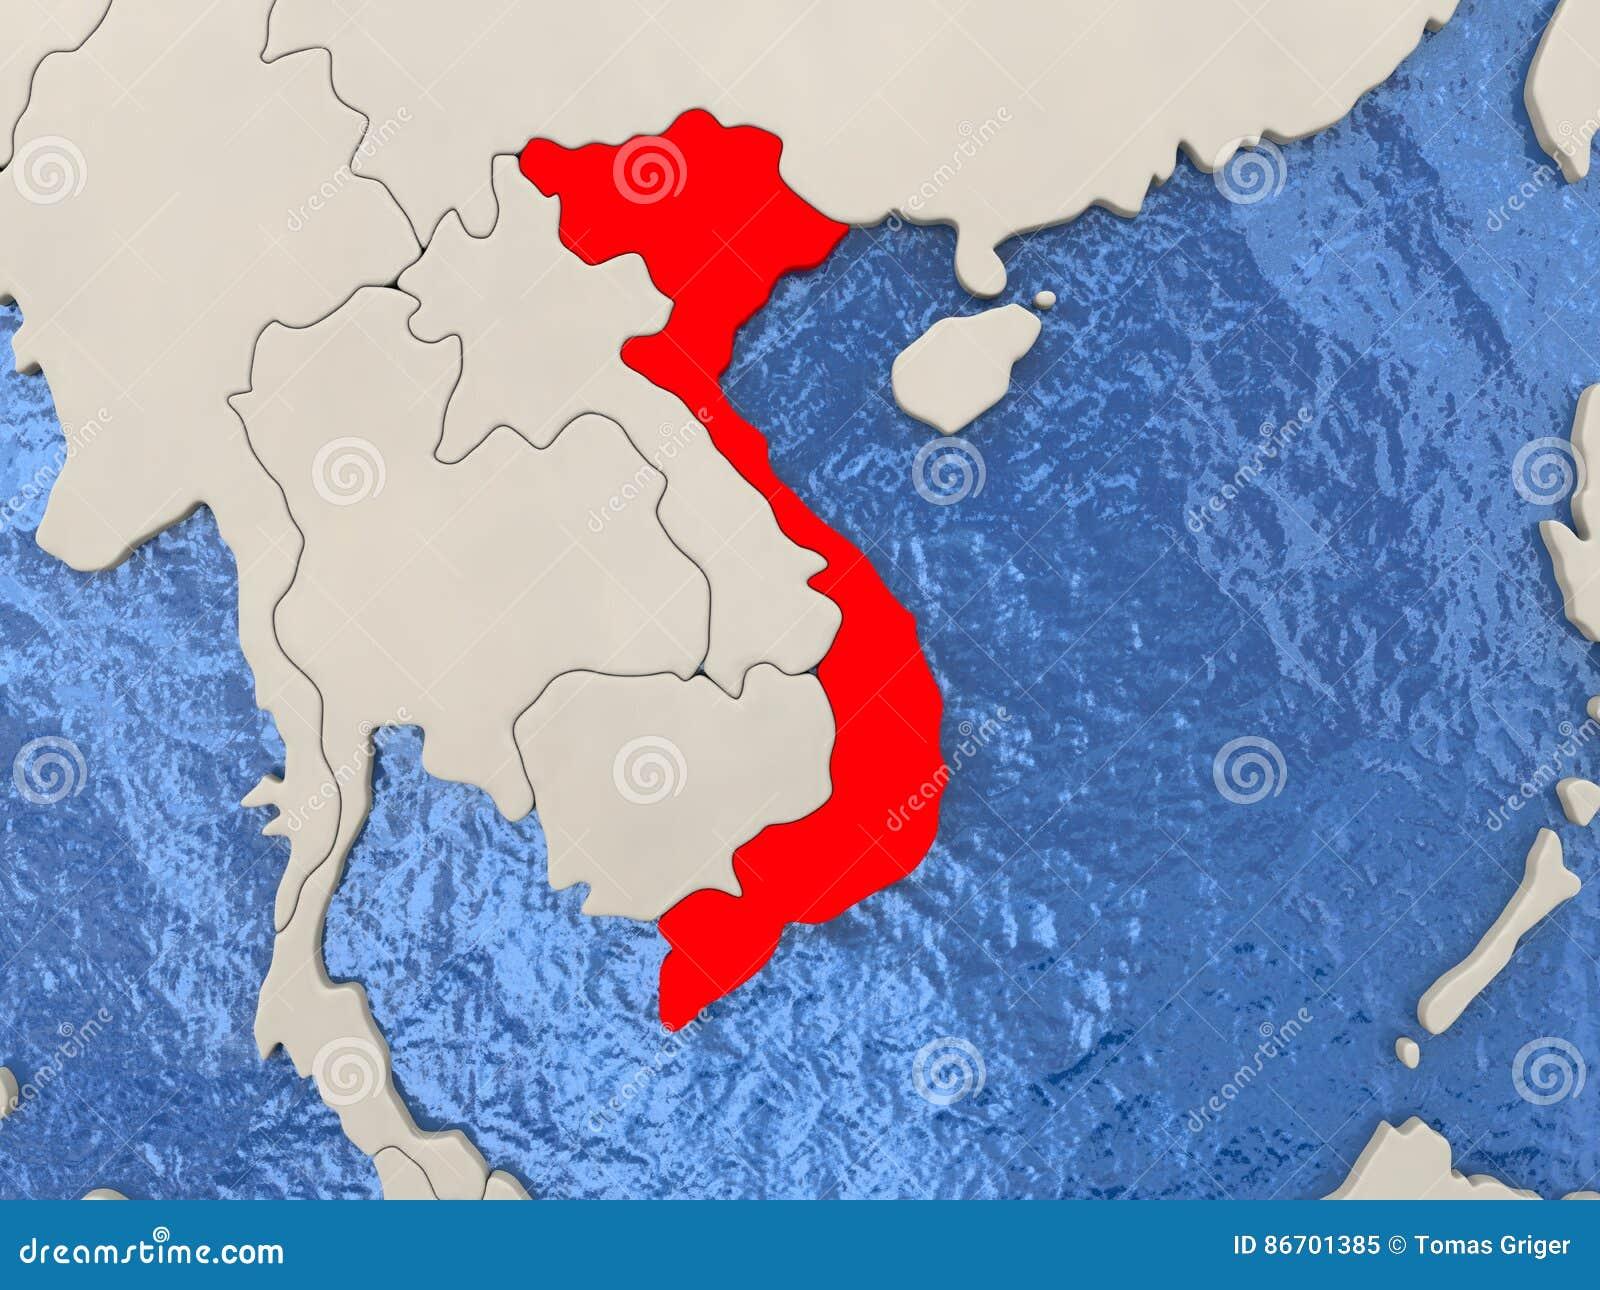 Vietnam on map stock illustration. Illustration of vietnam - 86701385